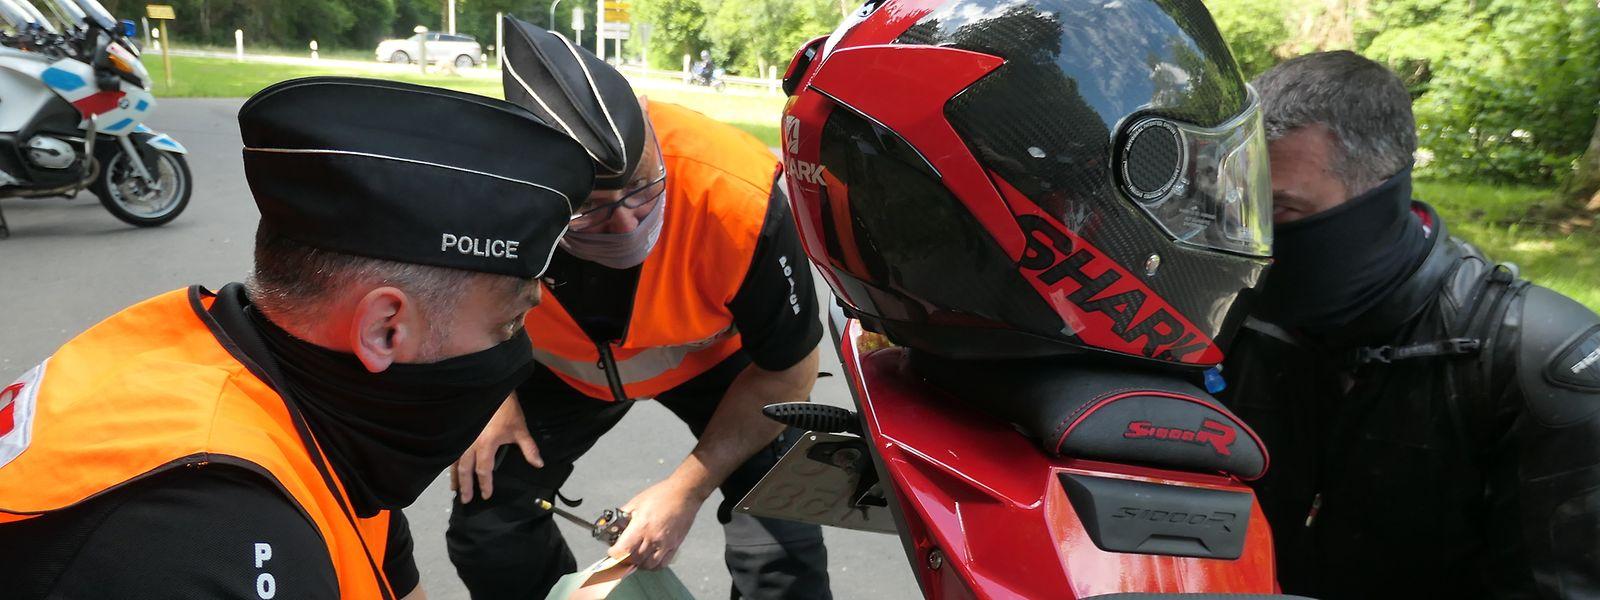 Die Polizei ahndet Verstöße gegen technische Bestimmungen für Autos und Motorräder.